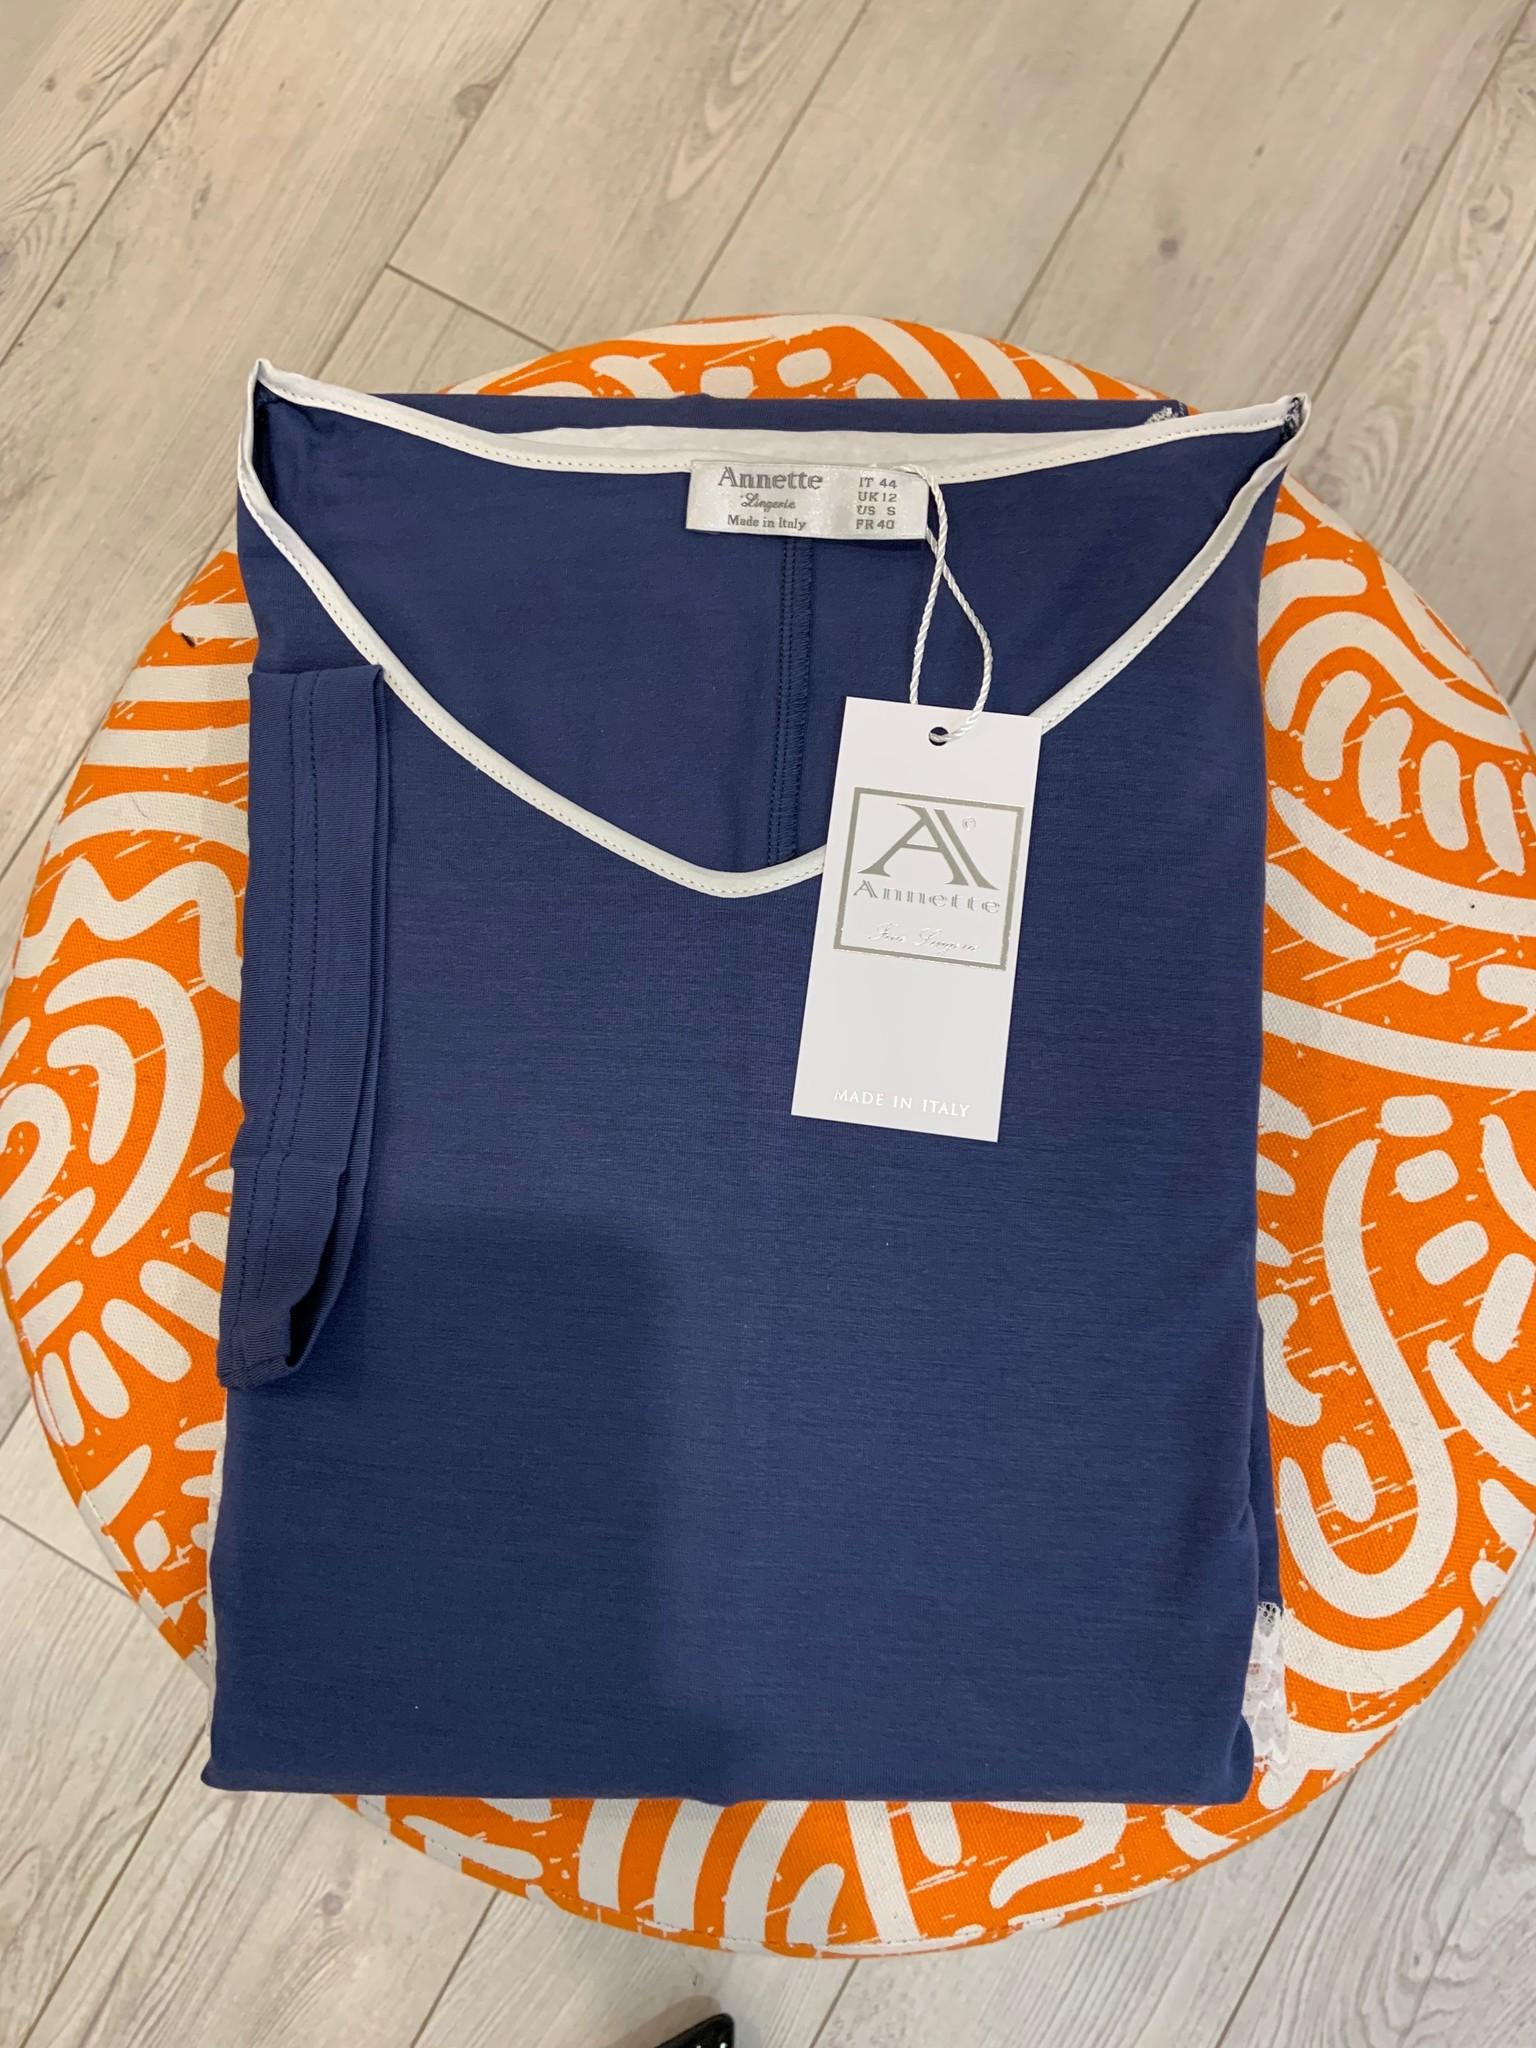 Annette Annette Canotta Maglia Short Sleeve Short Dress 1818 Blue/Panna